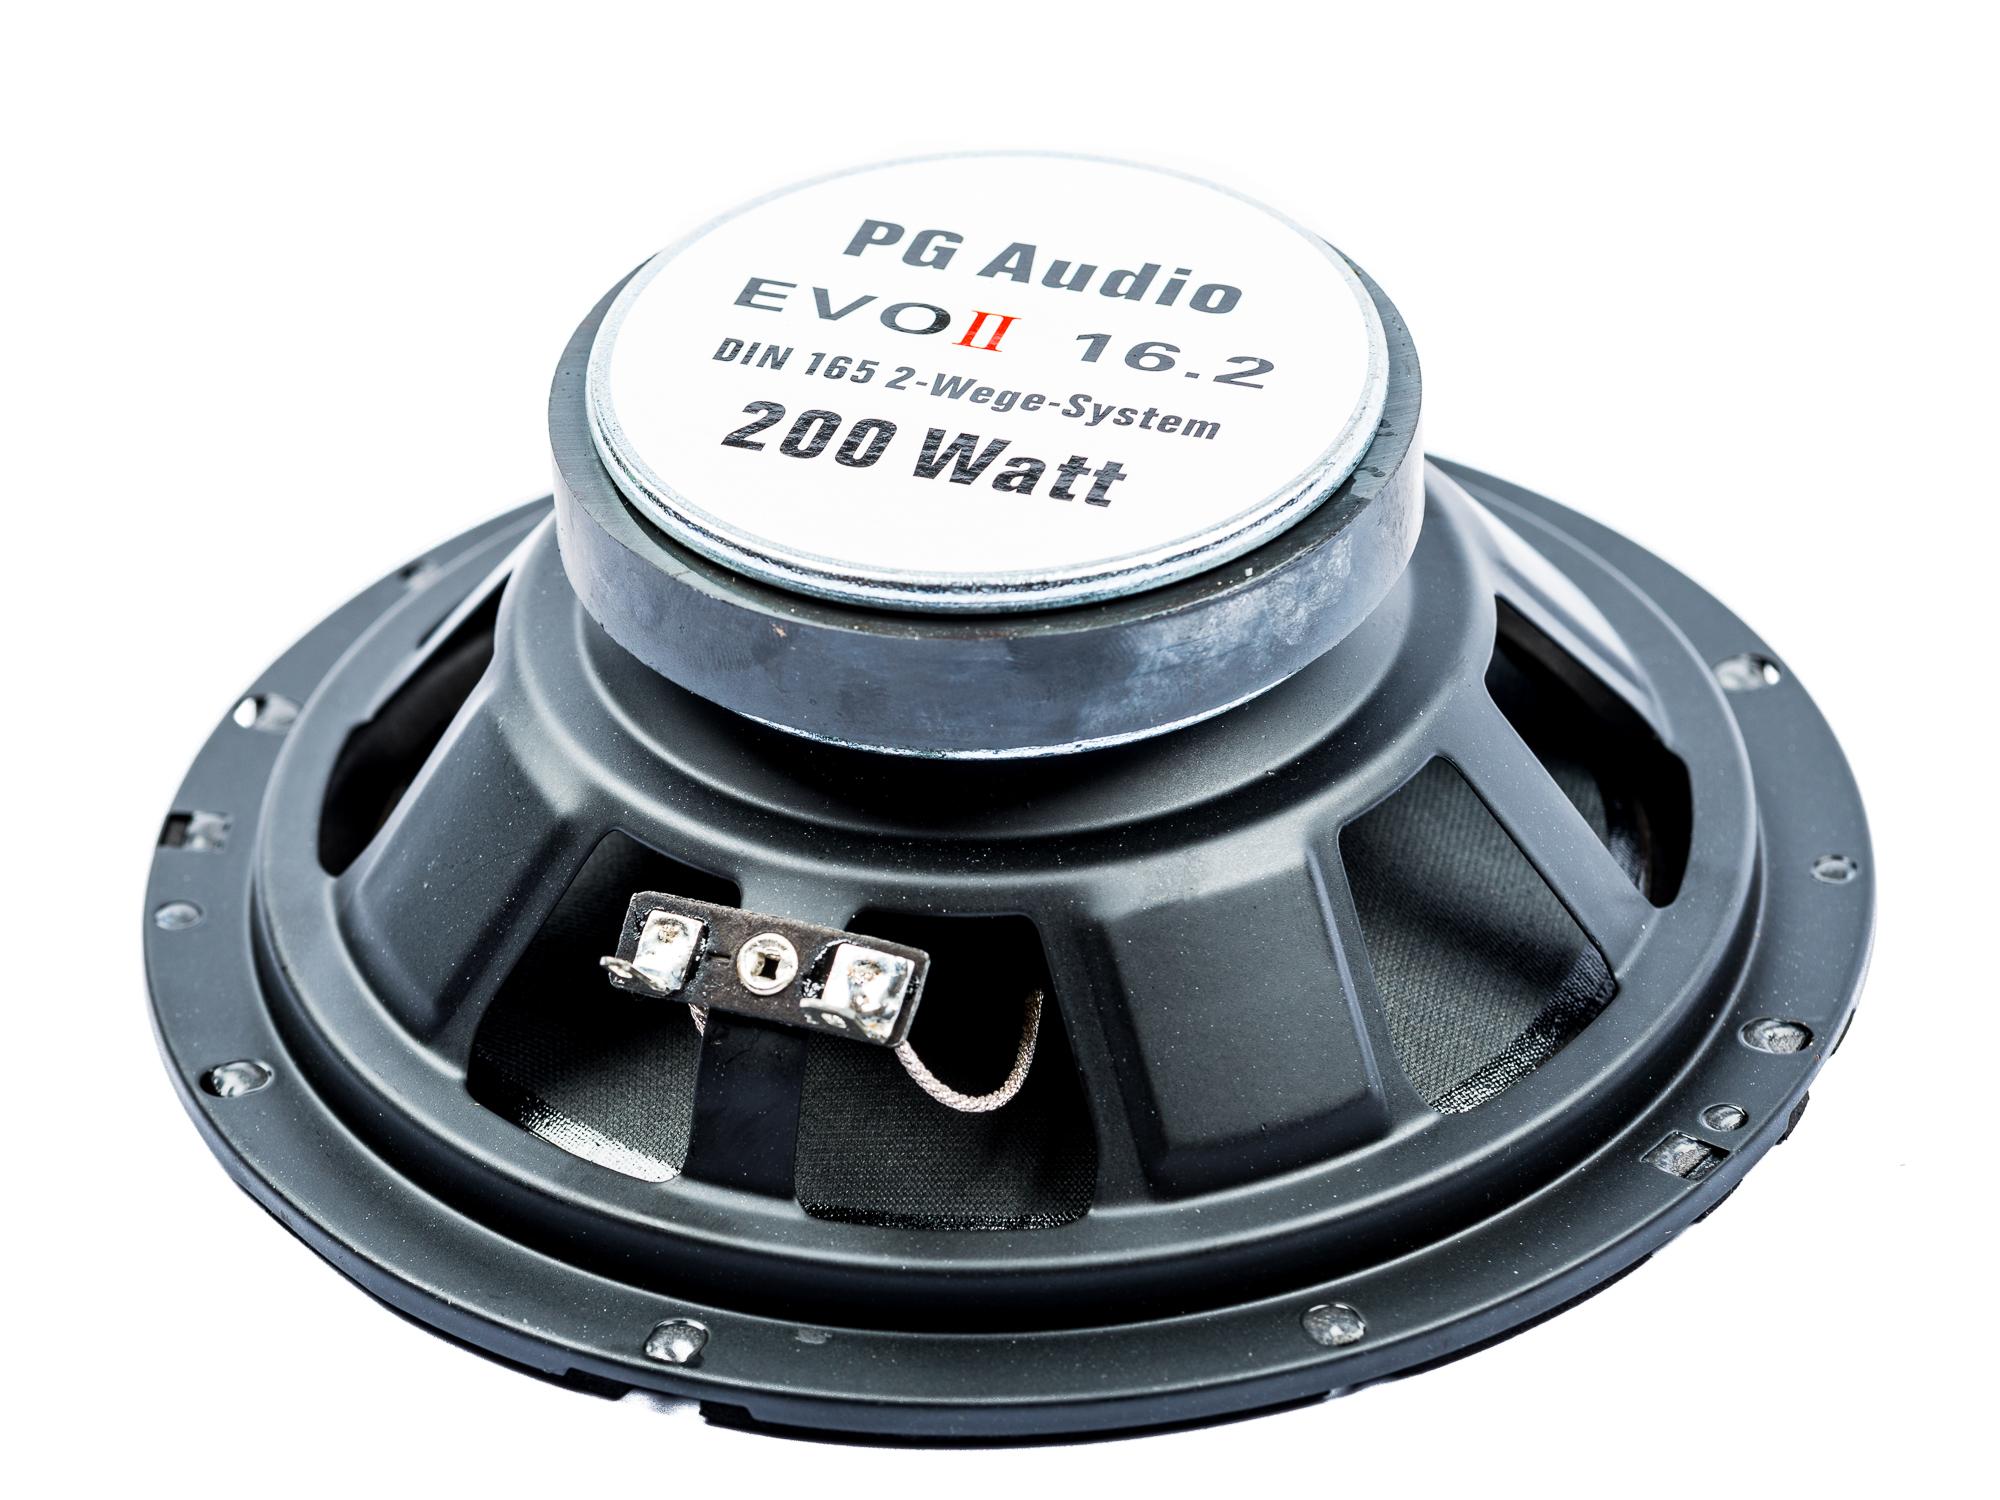 Ford S-Max, Galaxy  Lautsprecher Einbauset Tür vorne PG Audio – Bild 3